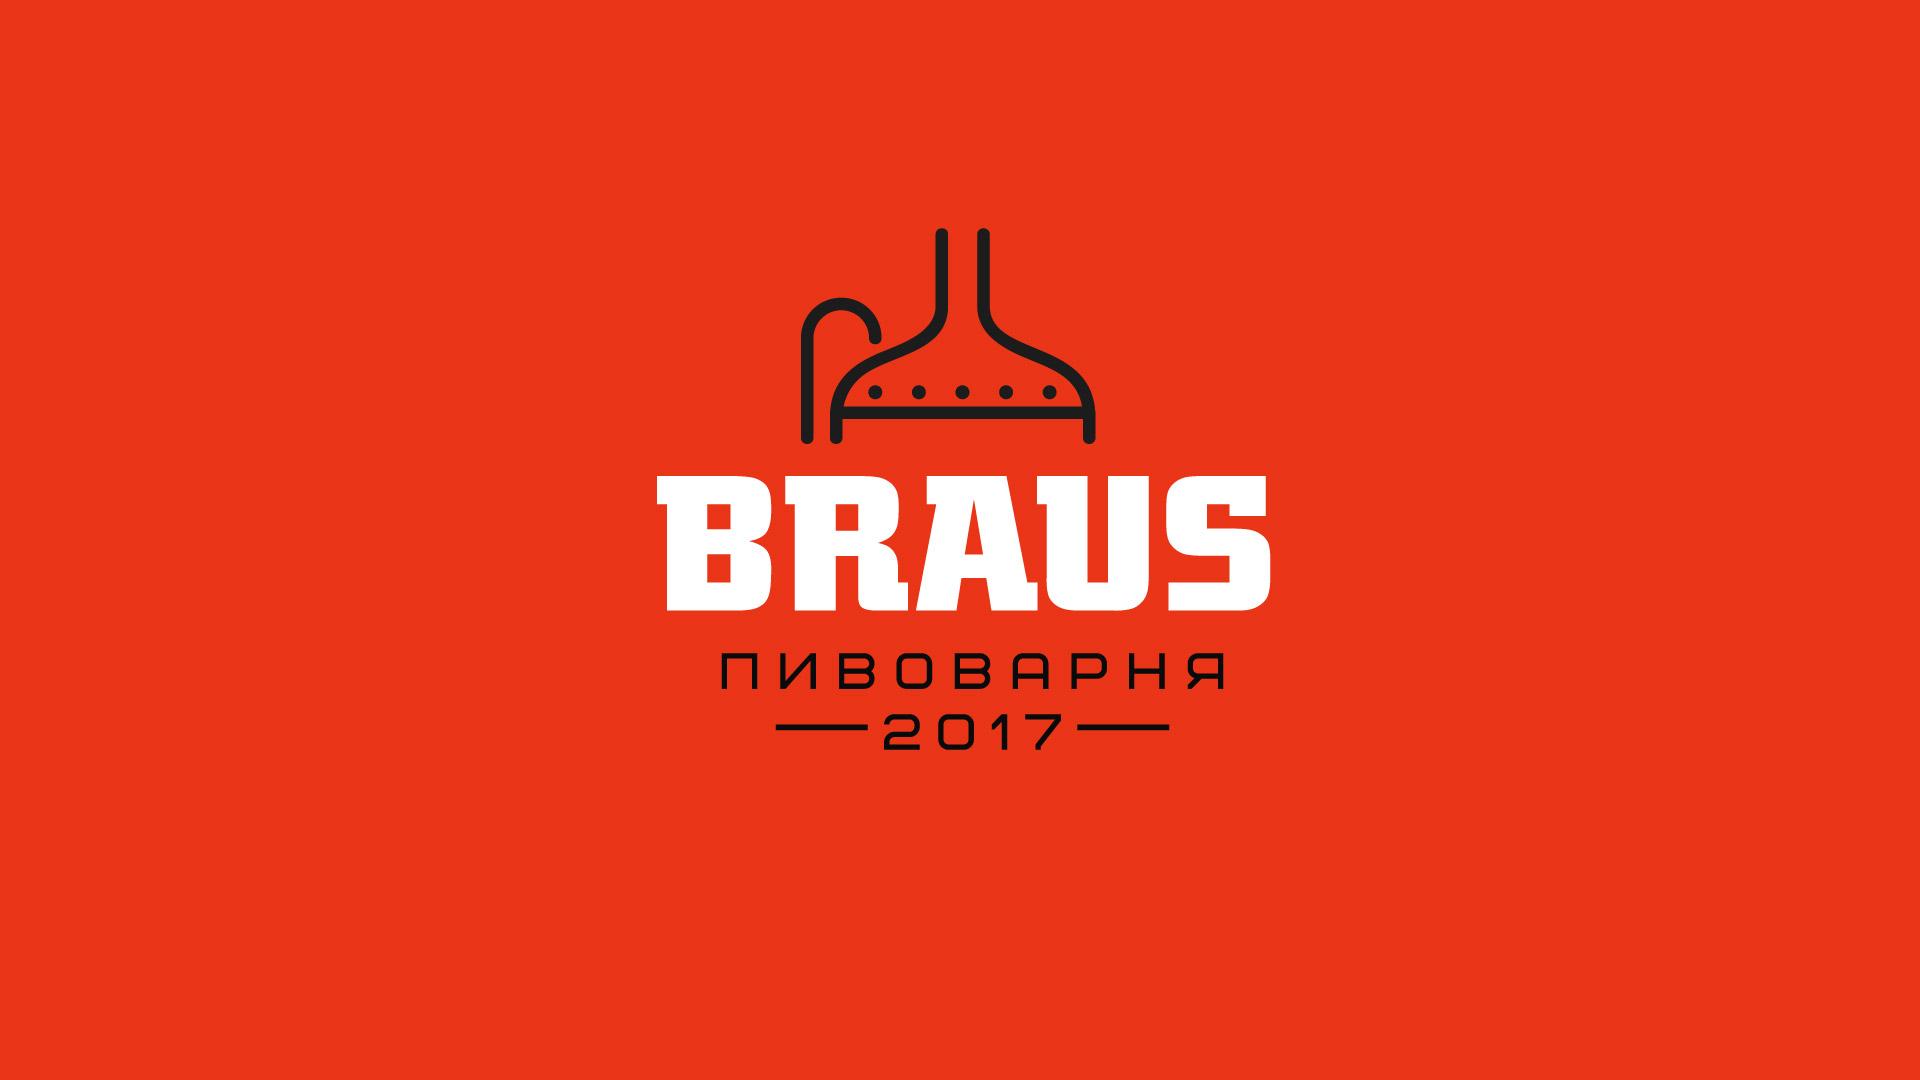 Braus_1920_01.jpg